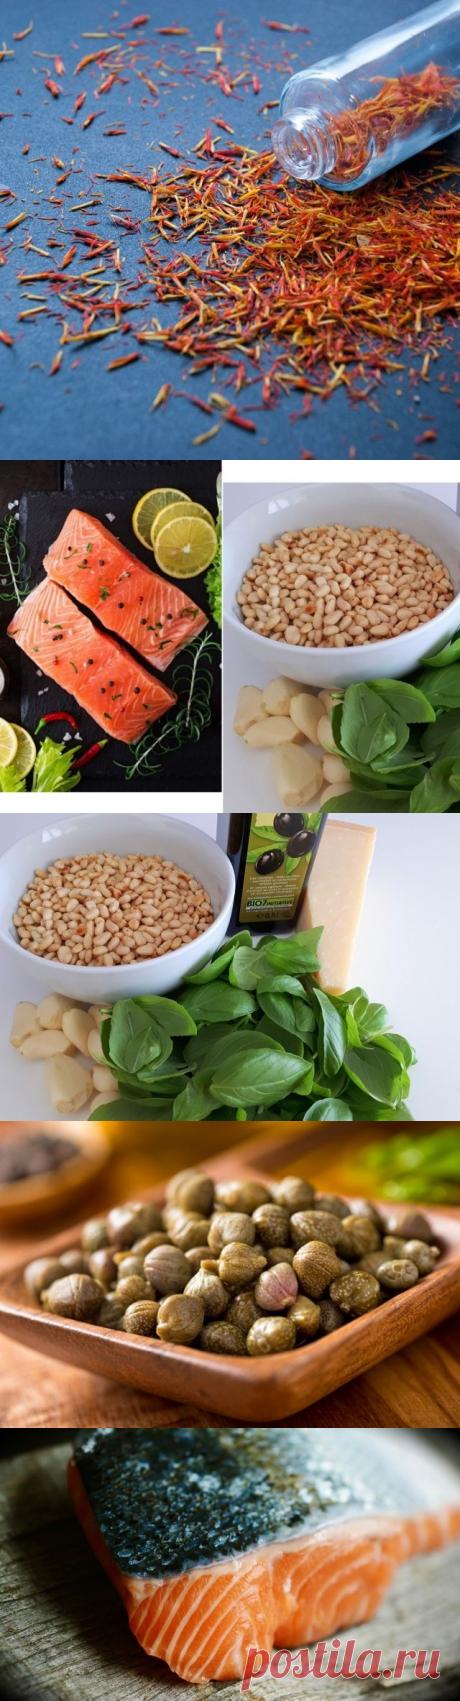 Здоровая и полезная альтернатива дорогим ингредиентам в рецептах | Всегда в форме!